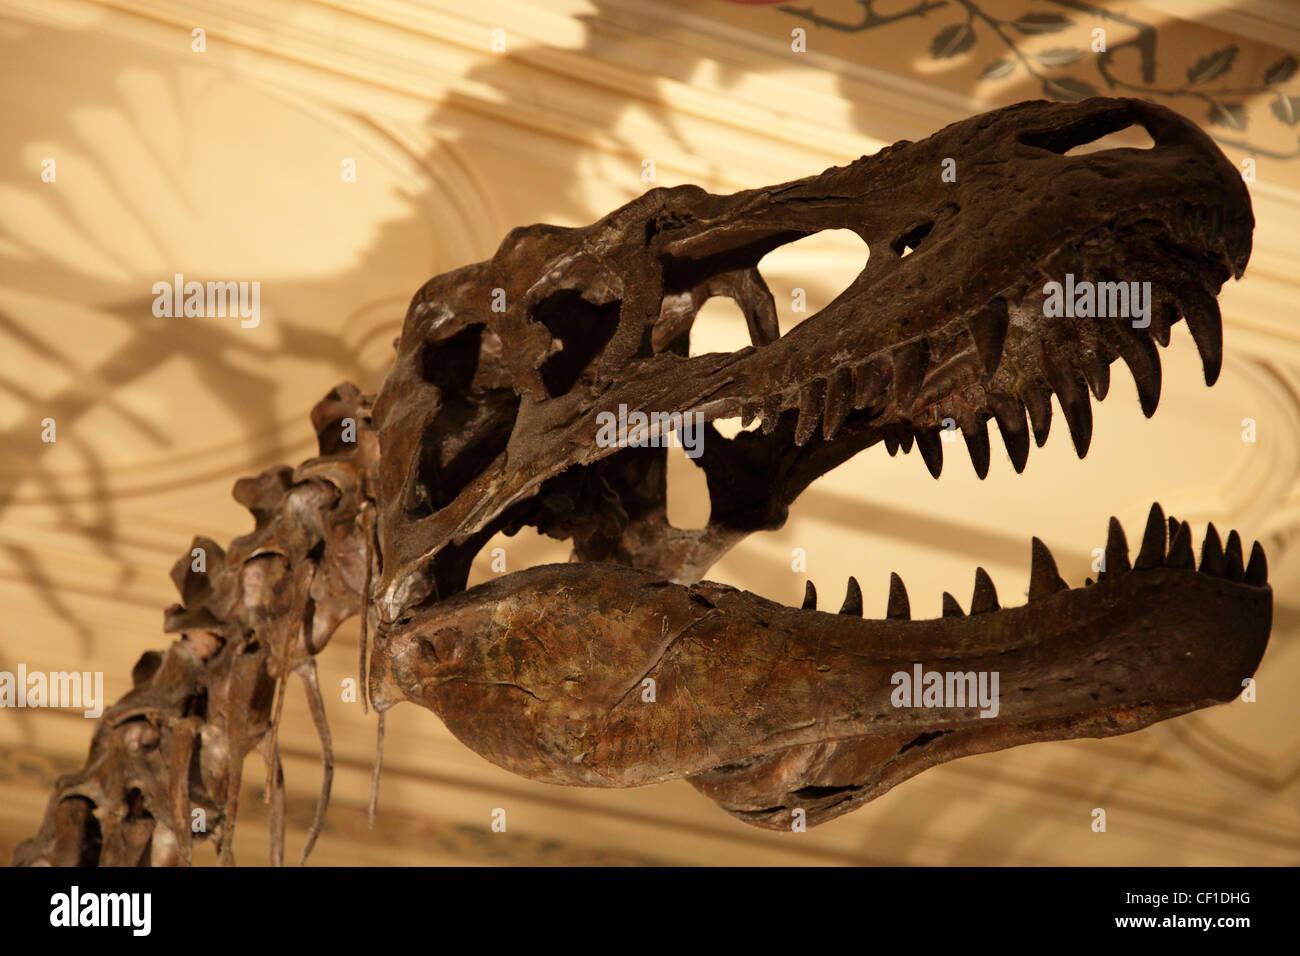 Albertosaurus skull in the Natural History Museum, London. - Stock Image